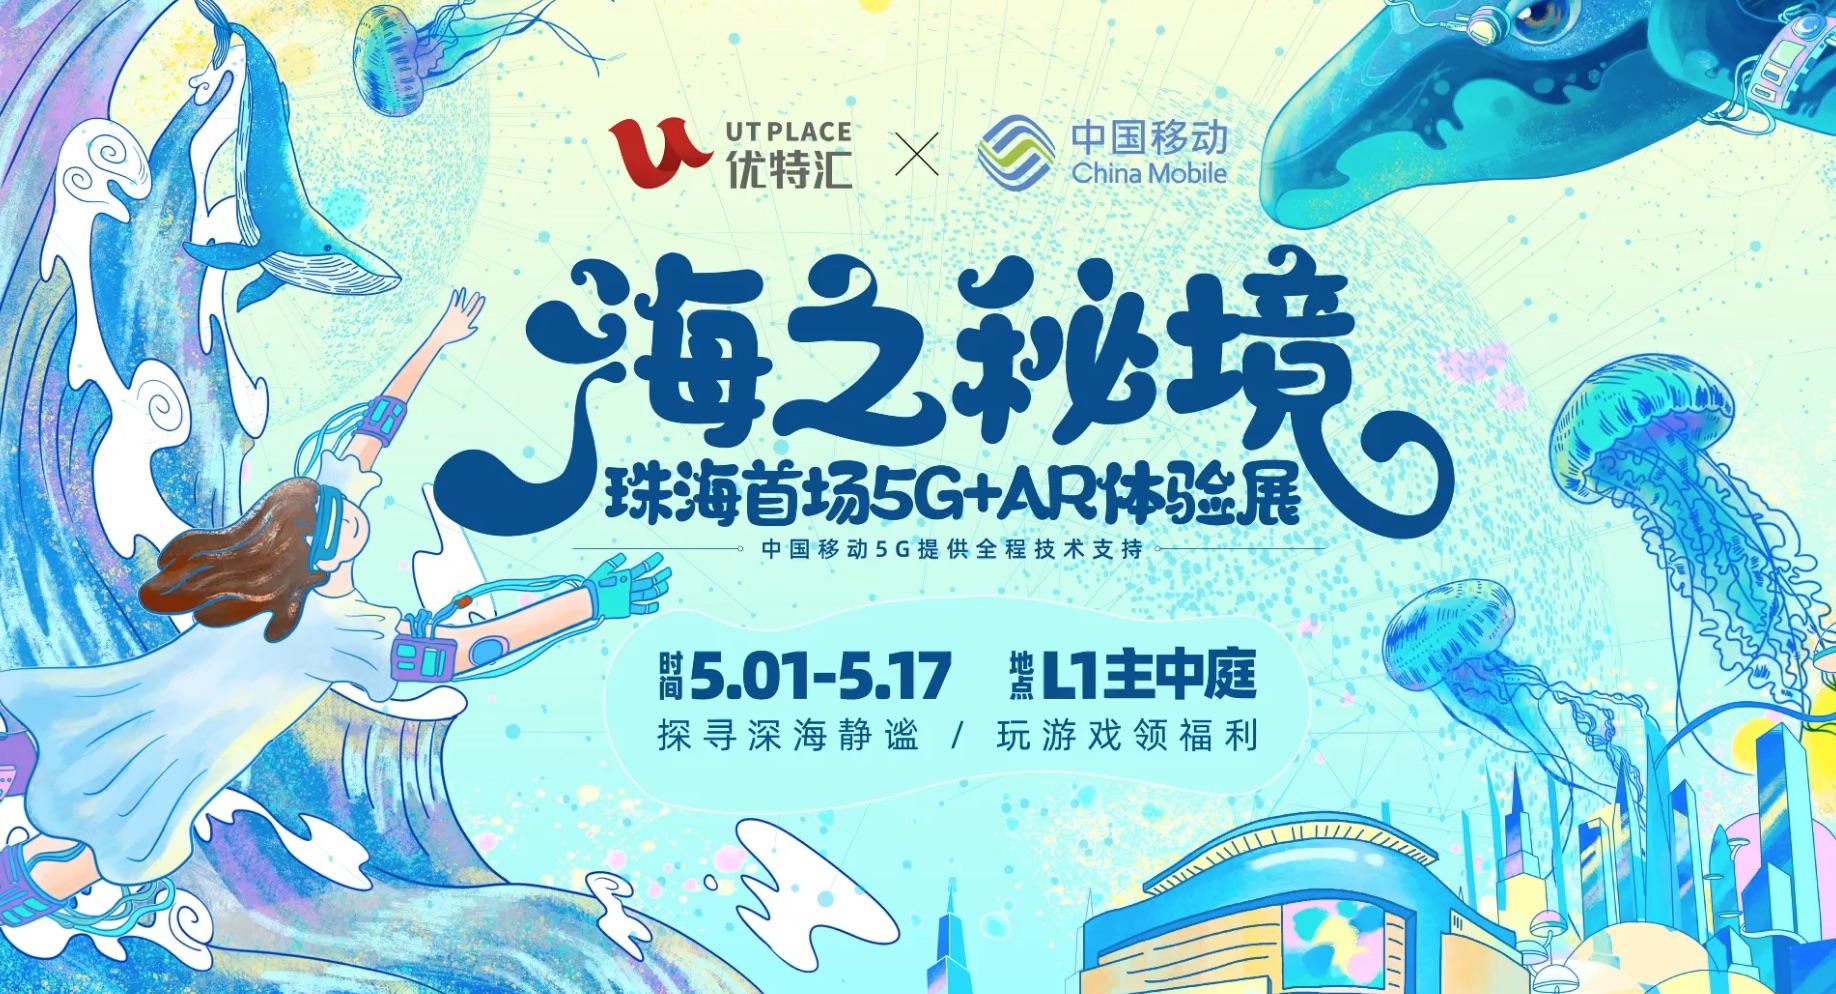 珠海首场5G+AR体验展